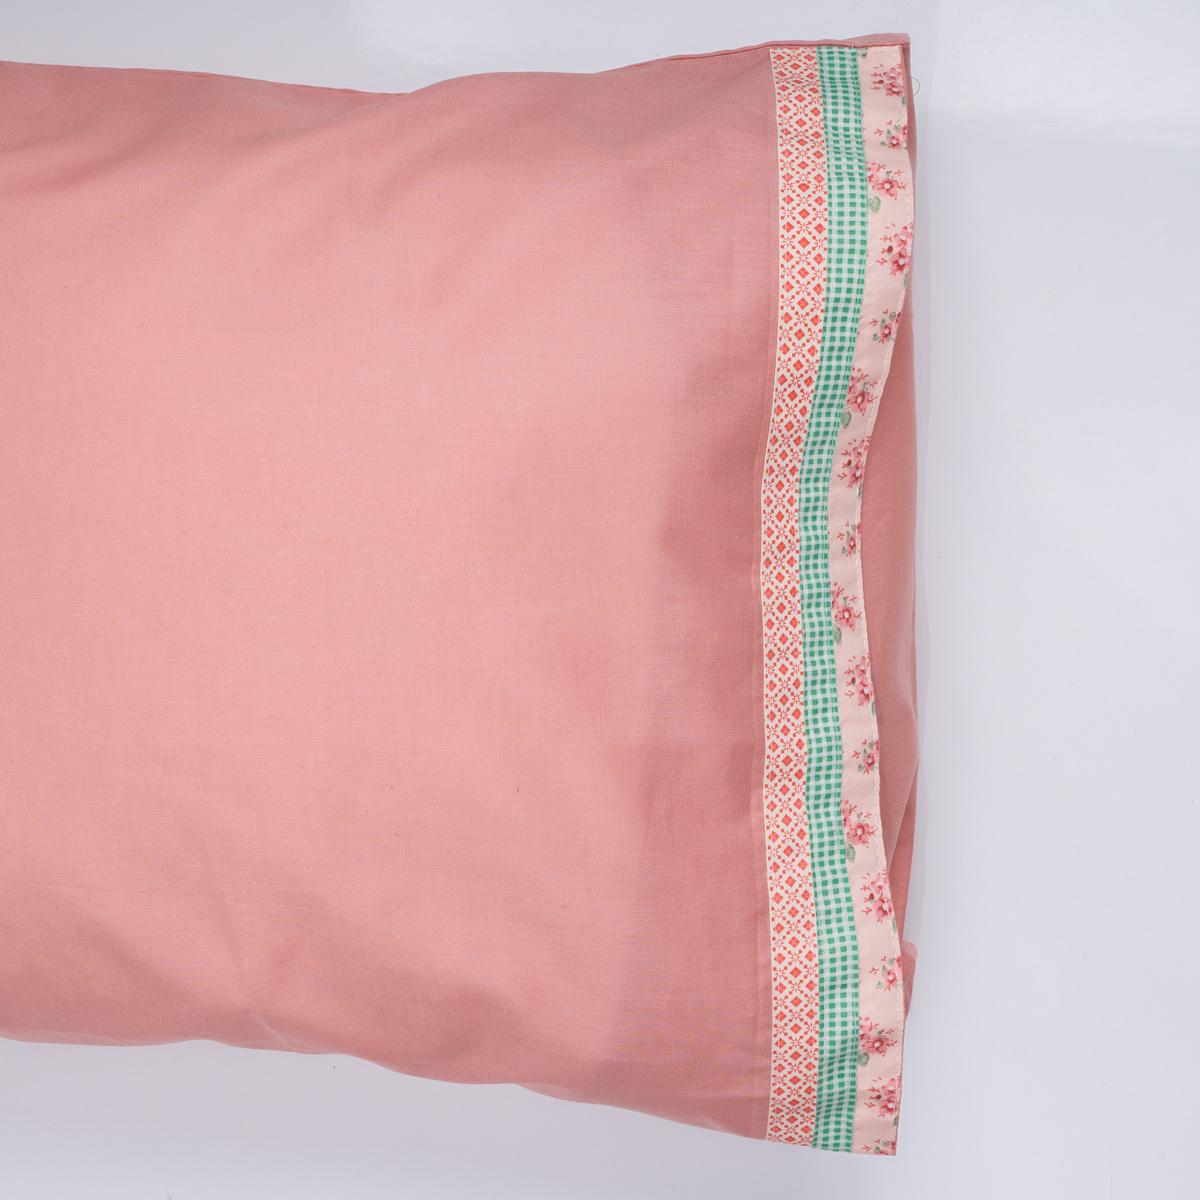 Ζεύγος Μαξιλαροθήκες White Fabric Kitty Pink